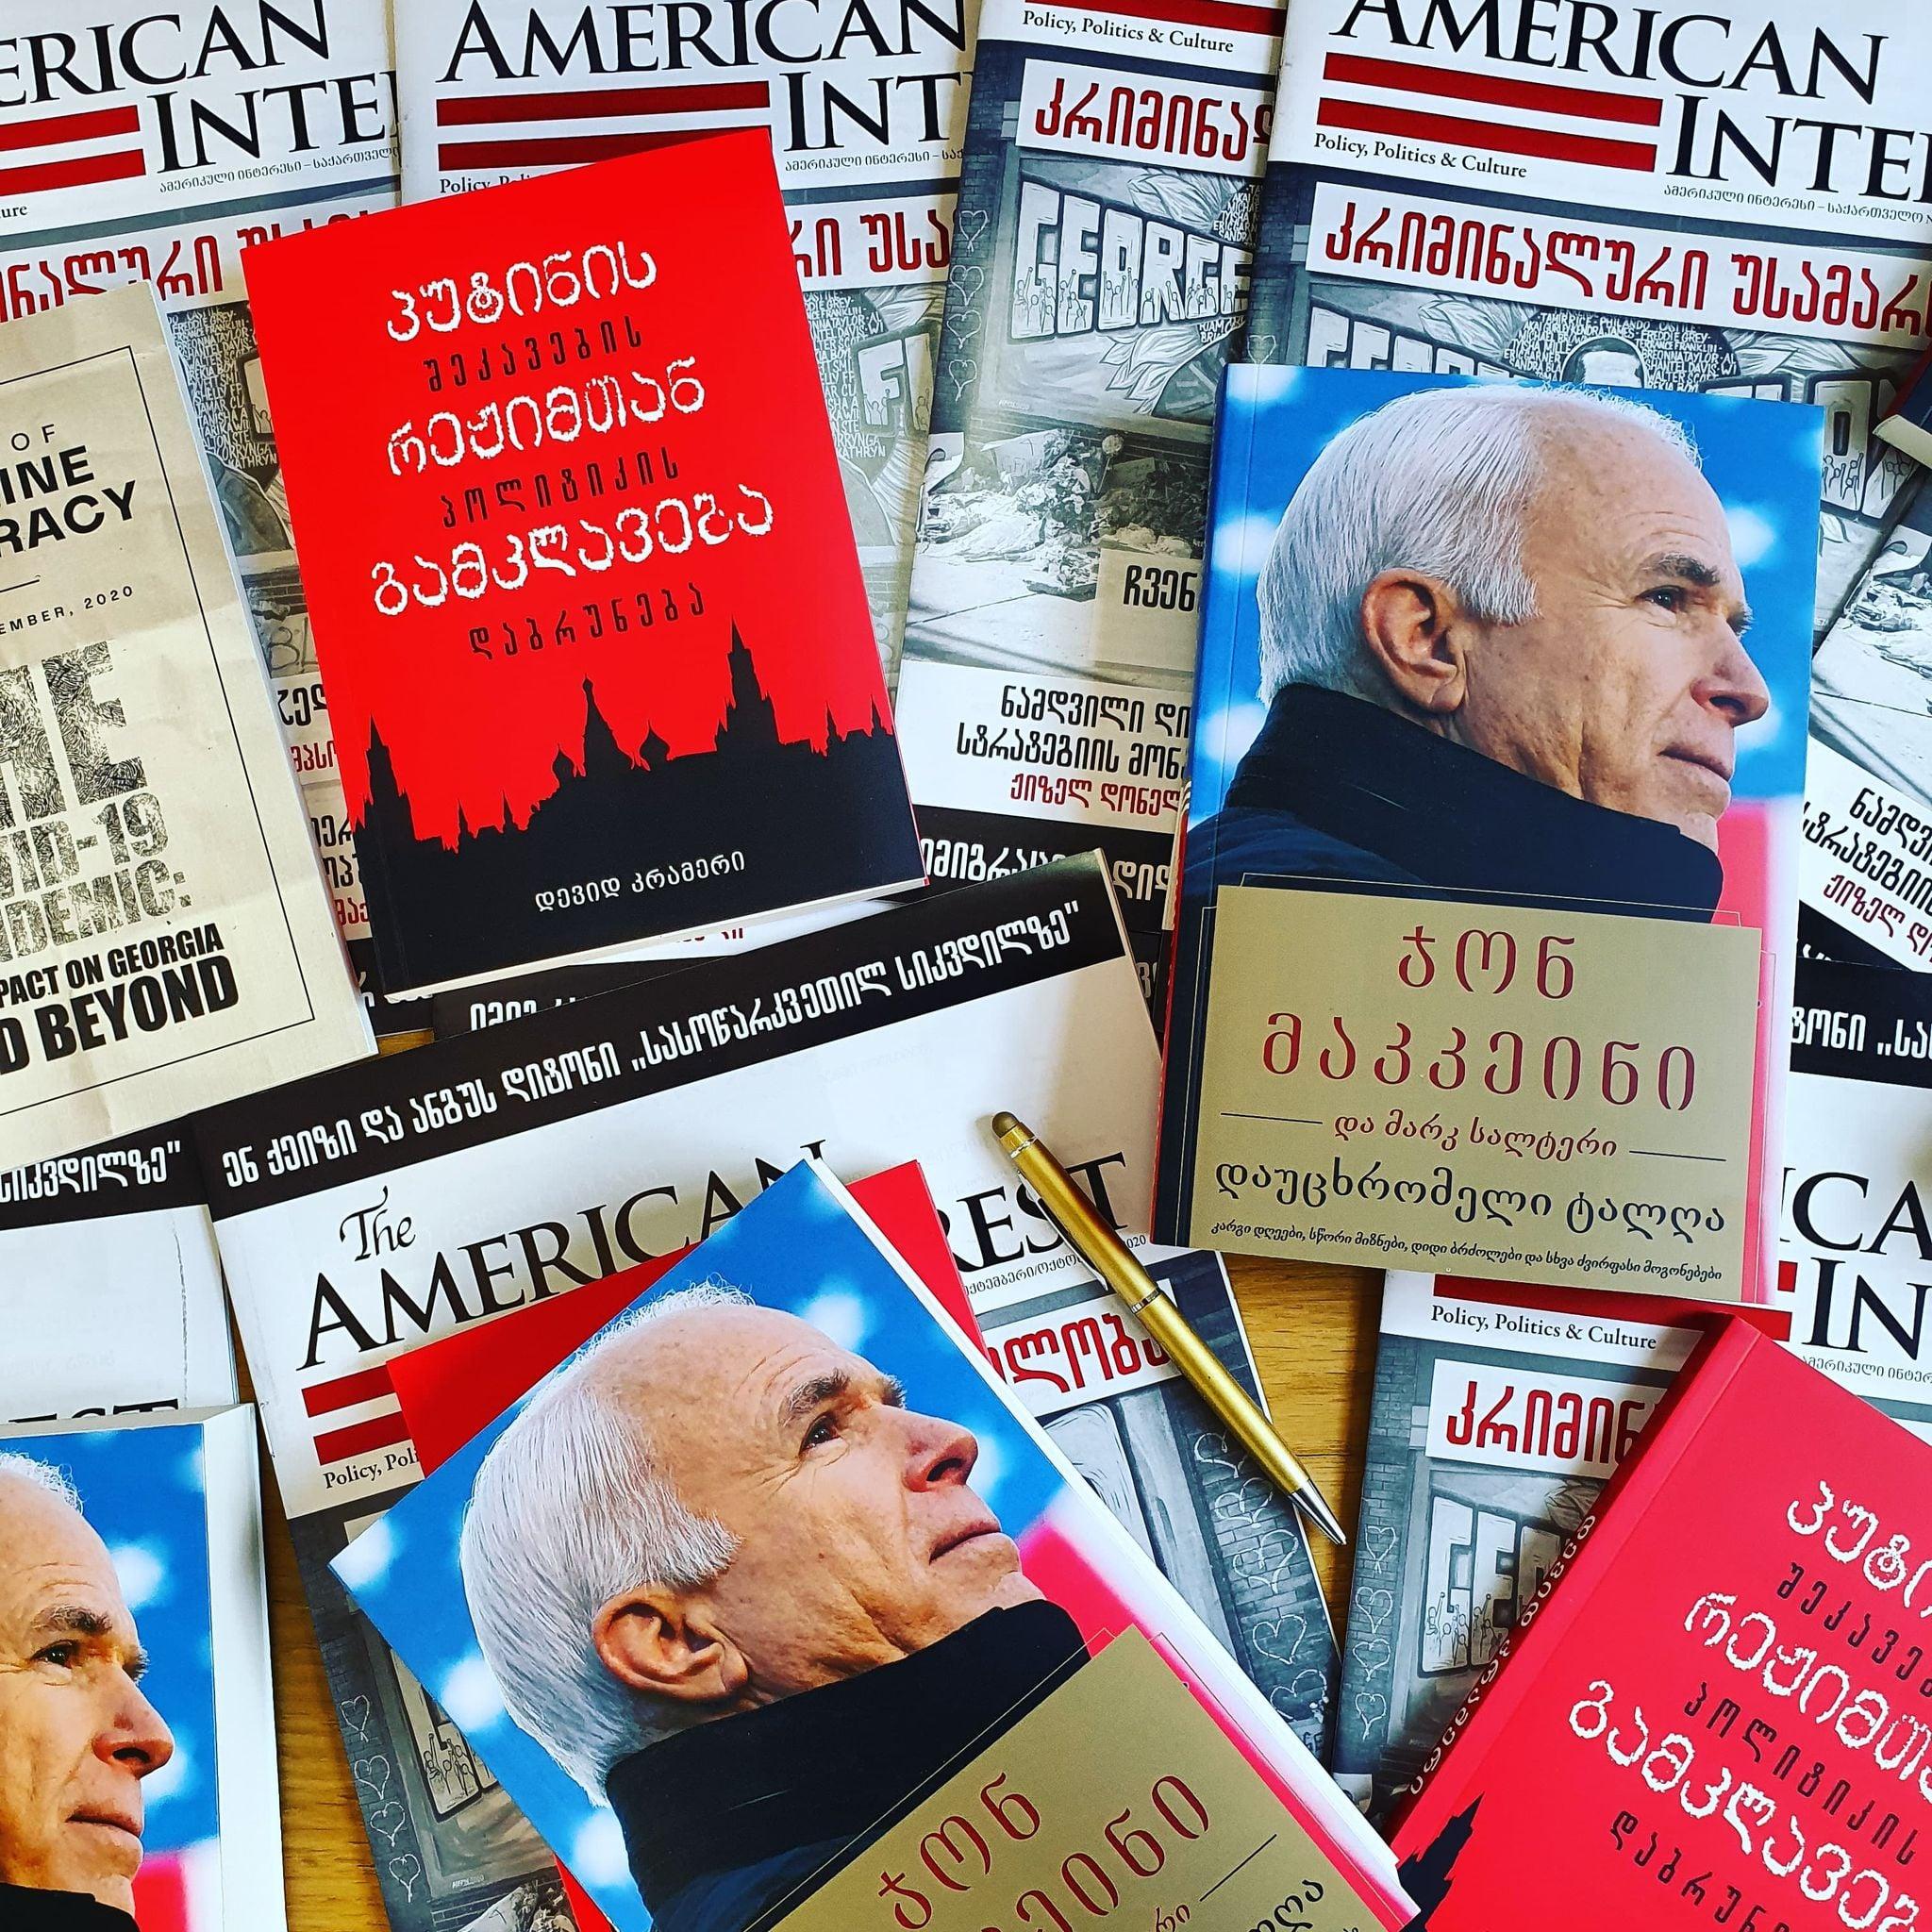 EPRC-მ ჯონ მაკკეინის და დევიდ კრამერის წიგნების ახალი ტირაჟები მიიღო